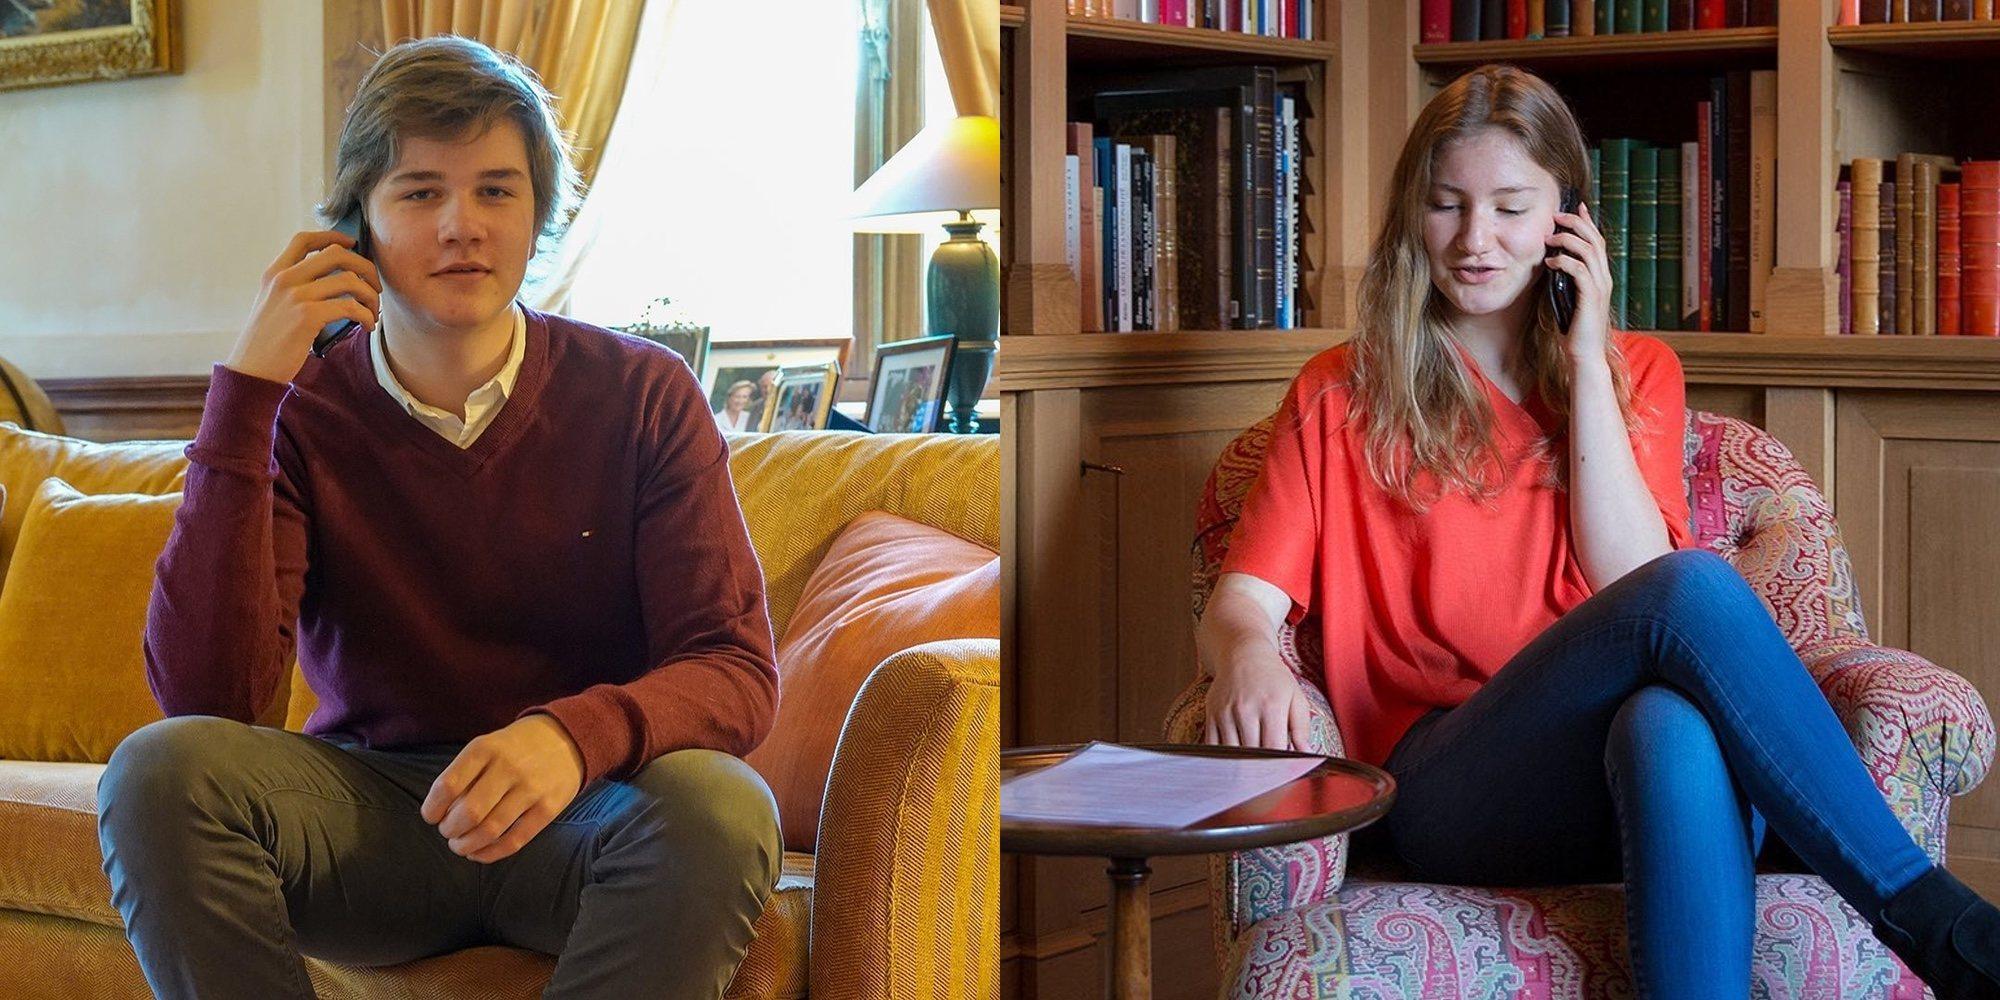 Los hijos de los Reyes Felipe y Matilde de Bélgica hacen compañía teléfonica a personas mayores